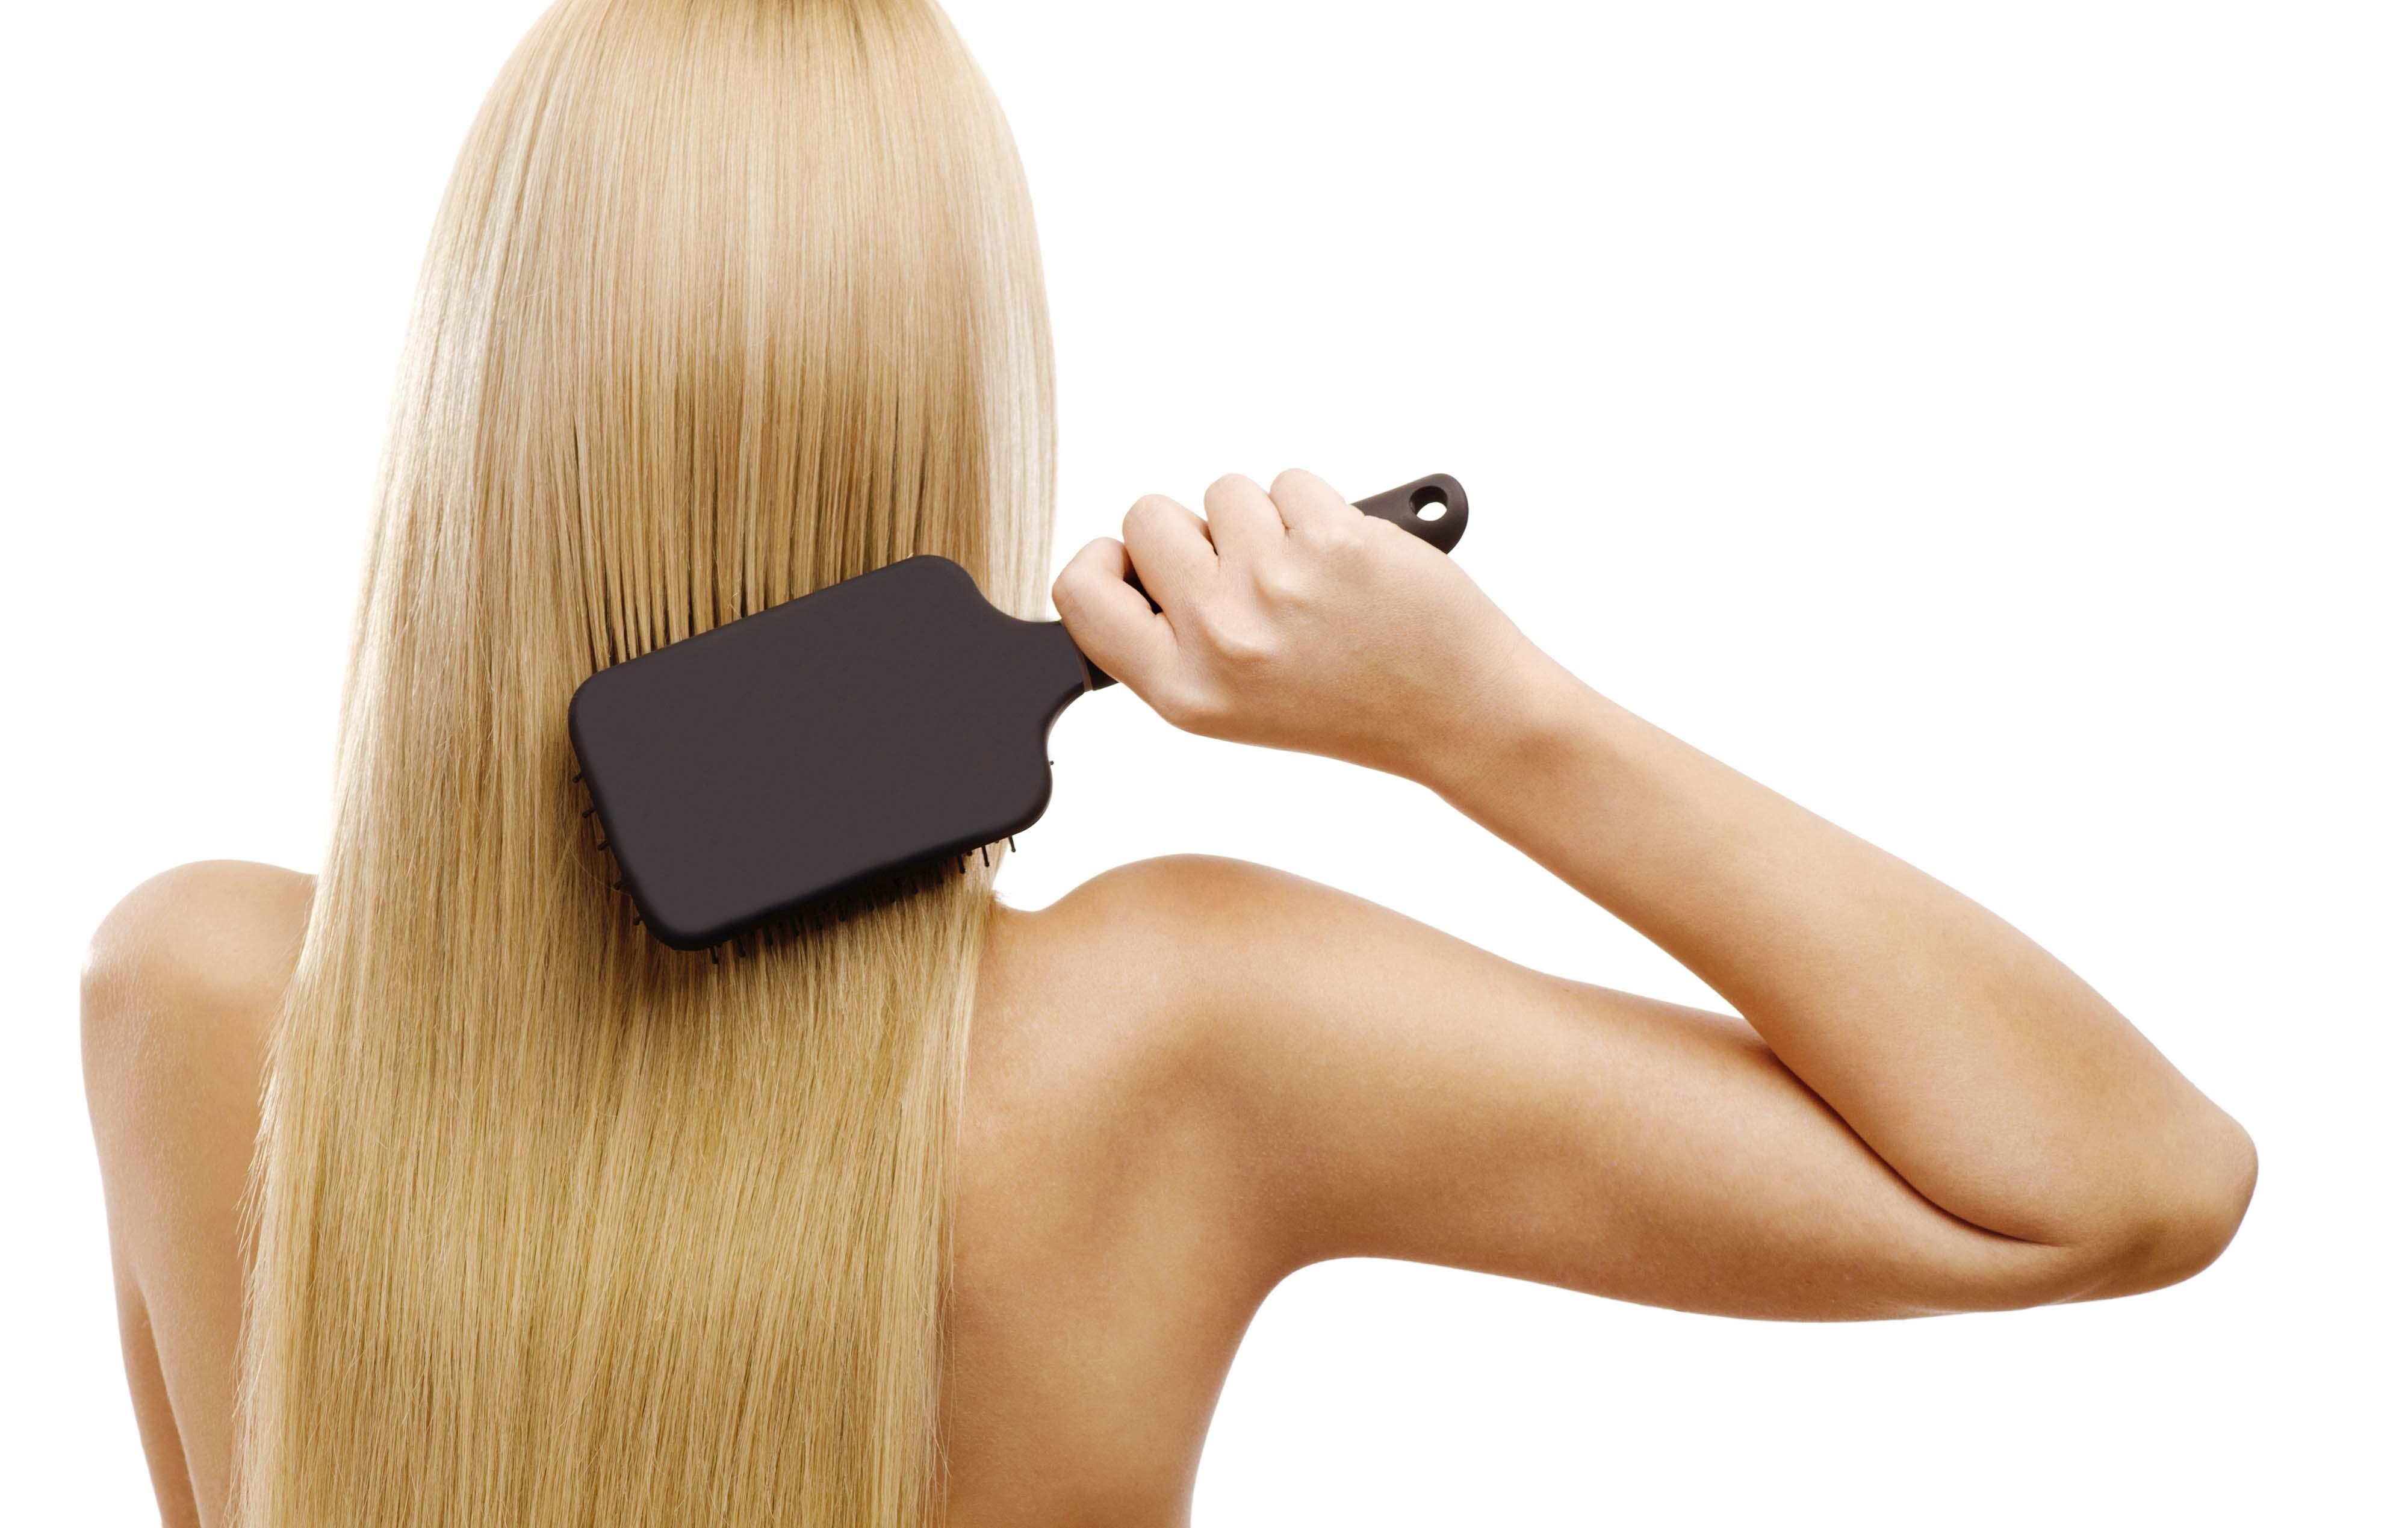 расчесывать волосы картинка сильном выделении пота